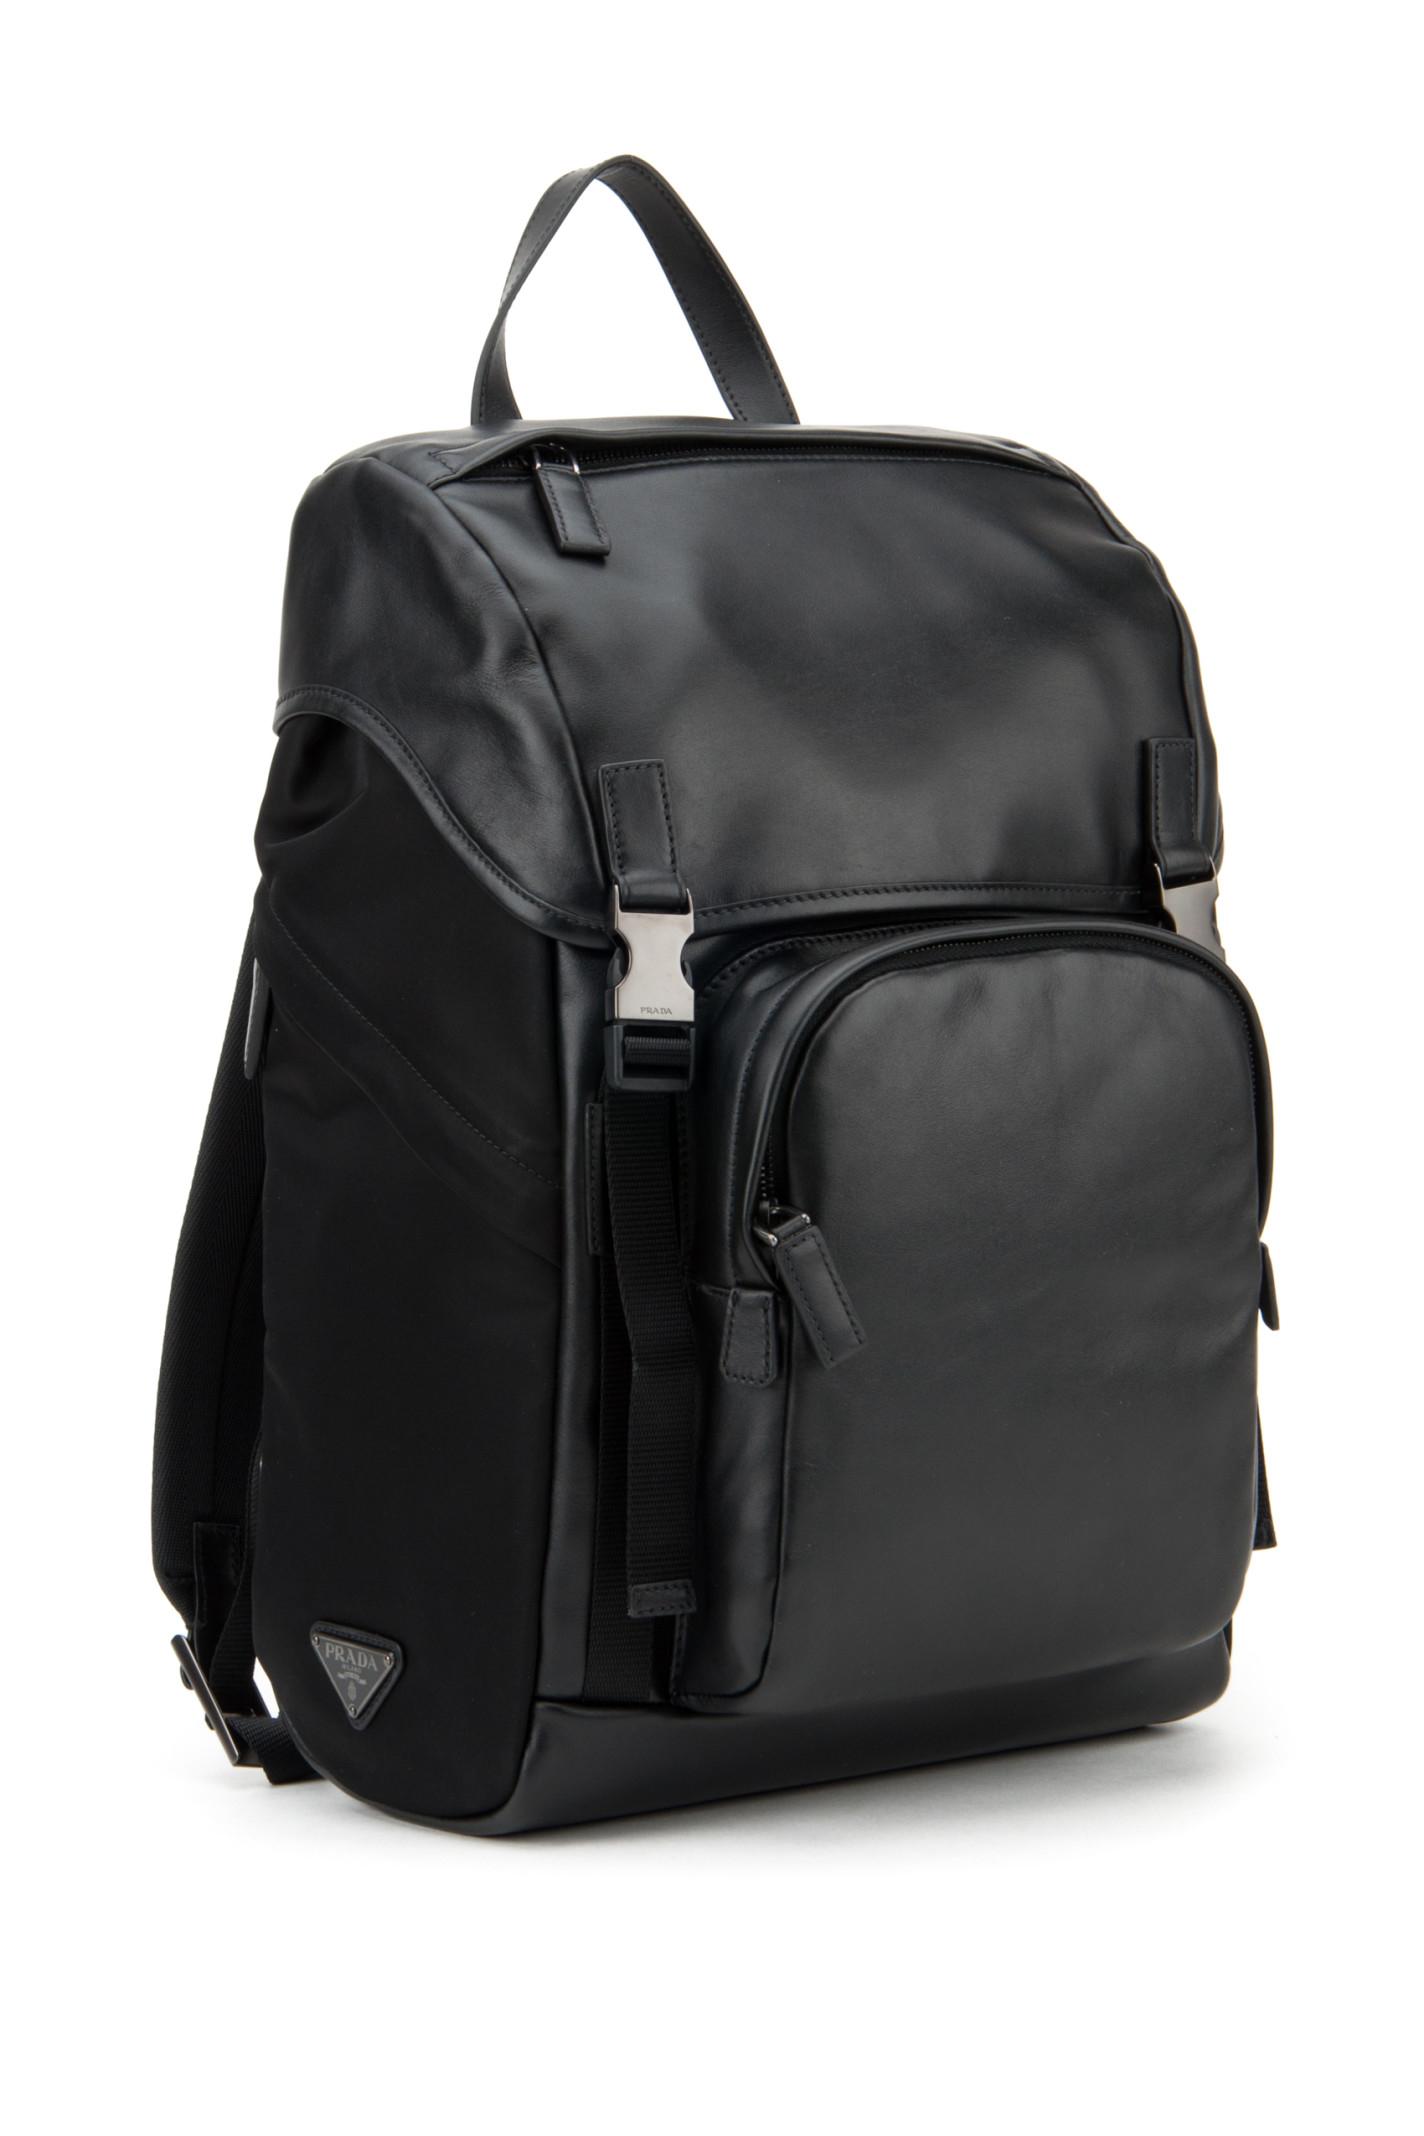 replica of prada handbags - prada soft calf rucksack